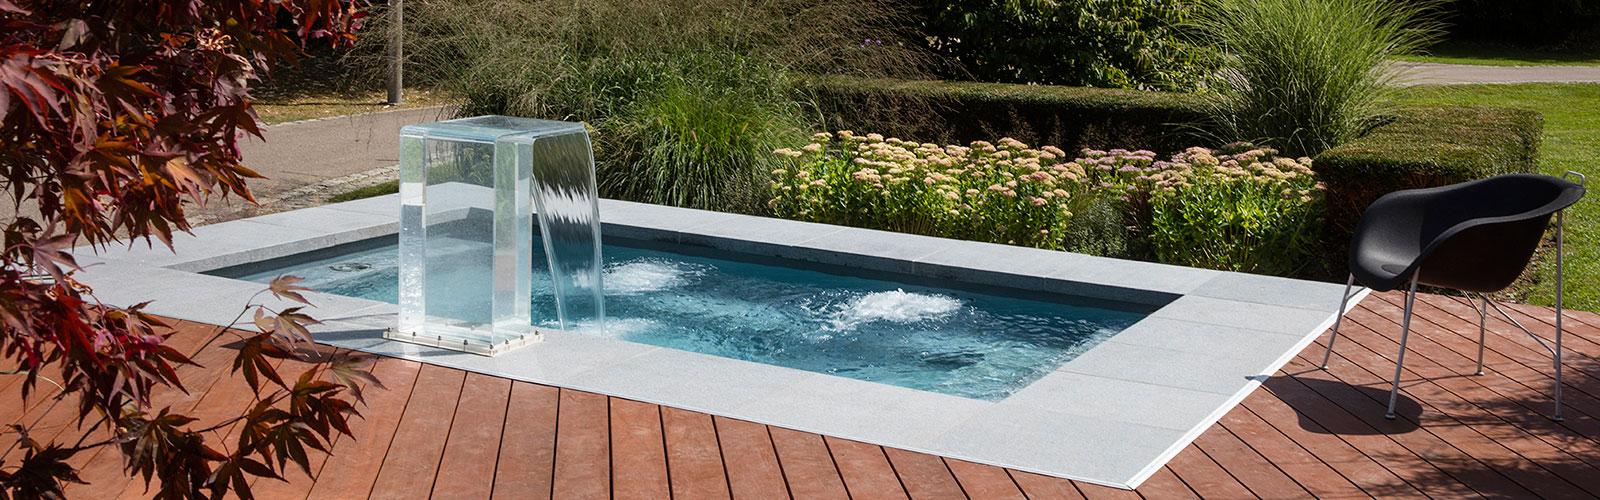 Vendiamo idromassaggi esterno e accessori per piscine